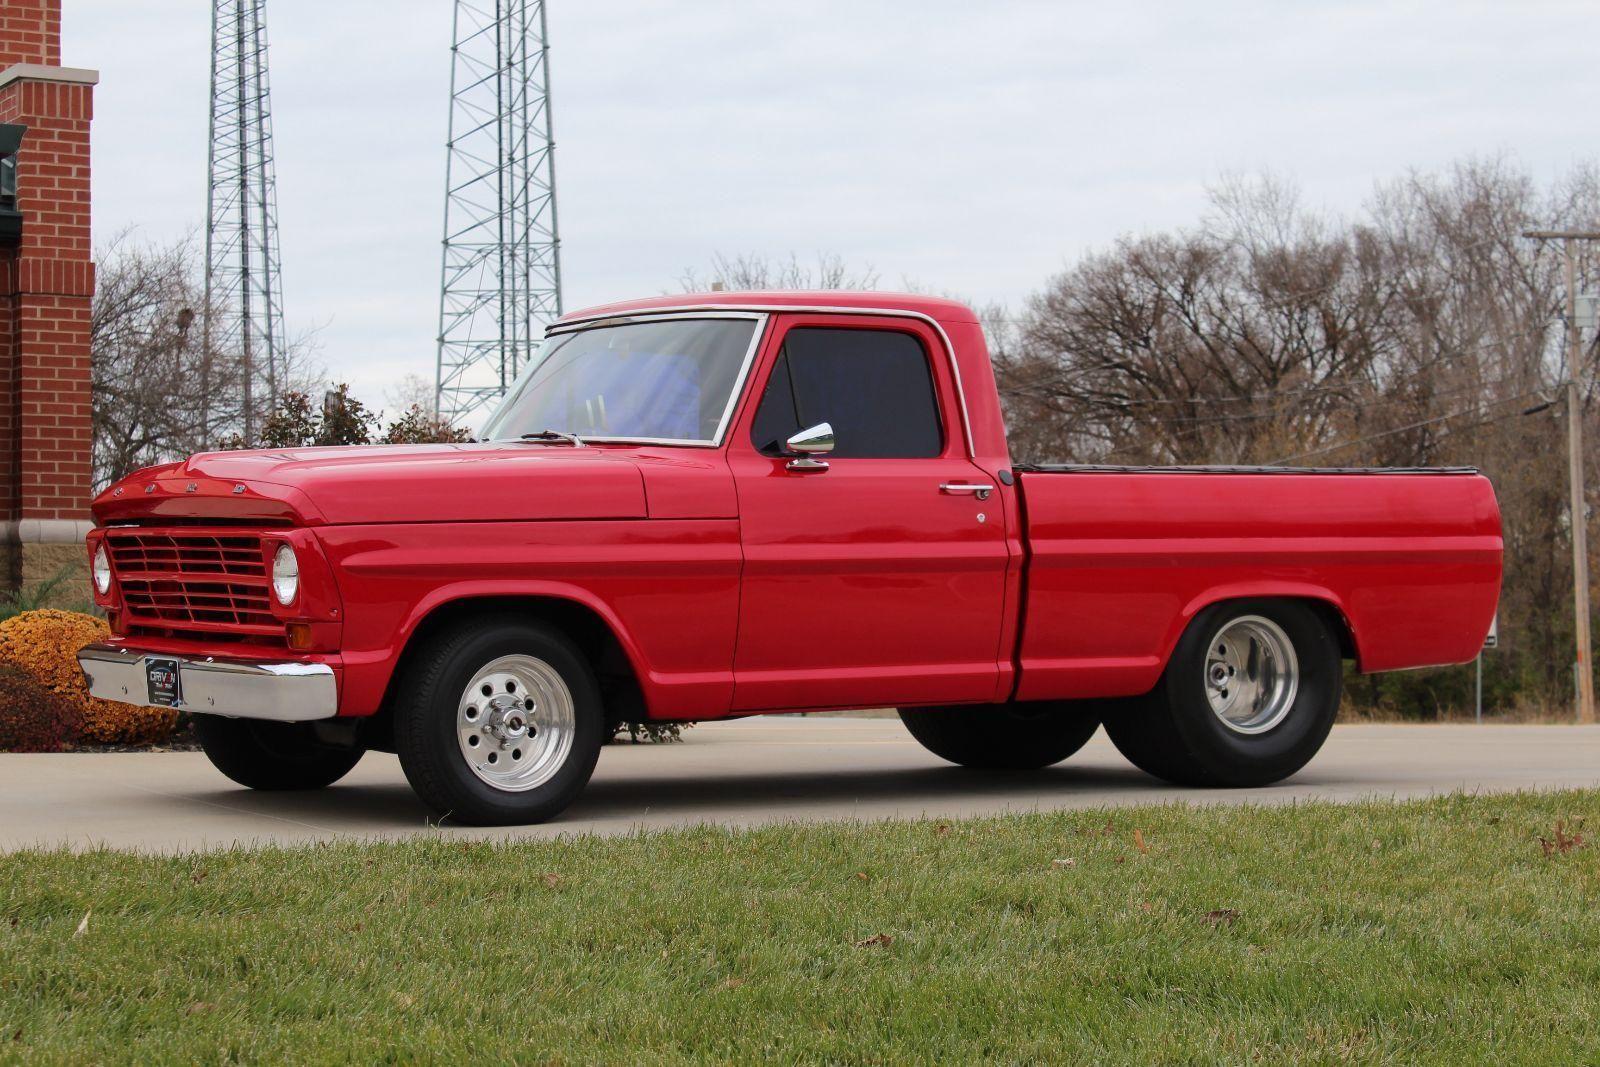 1967 Ford F 100 Custom Pick Up Truck 460 Big Block C6 Classic Pickup Trucks Ford Trucks Ford Pickup